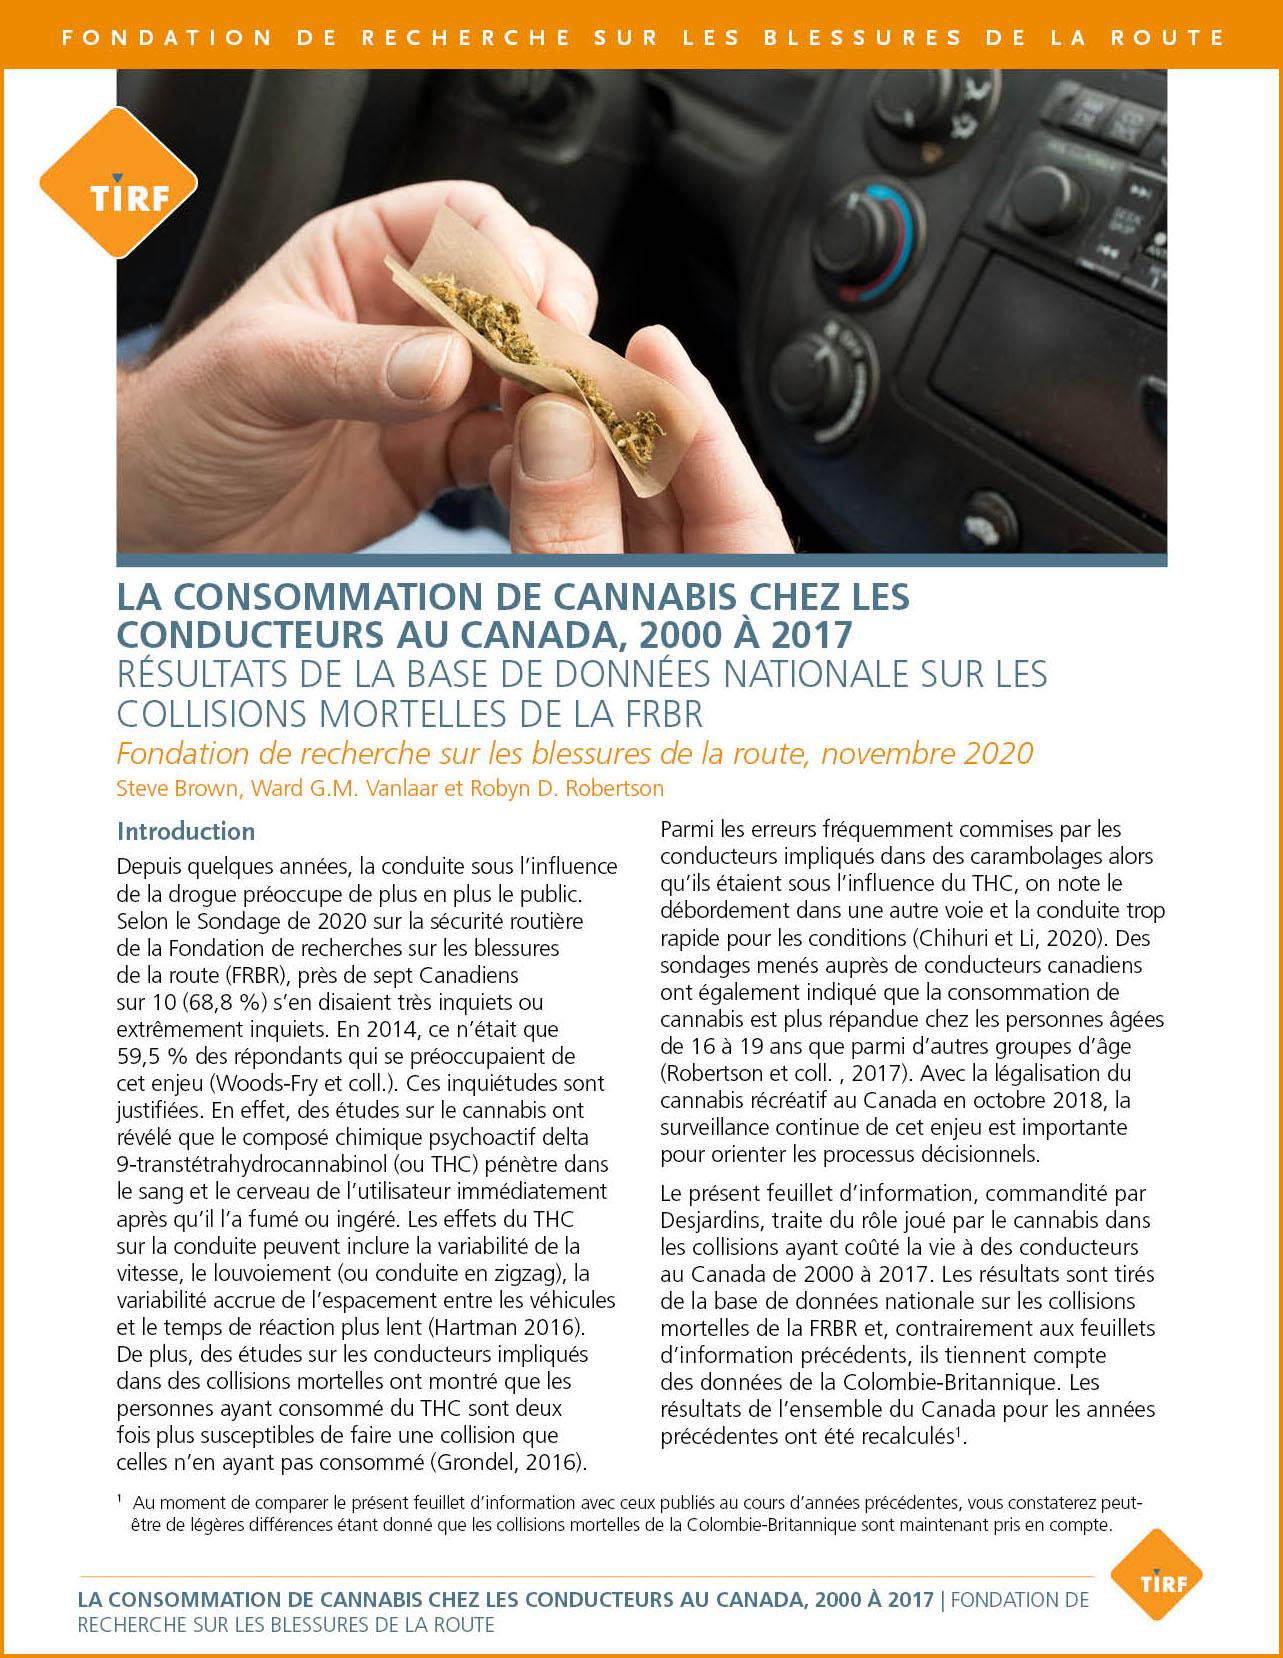 La consommation de marijuana chez les conducteurs au Canada, 2000 à 2017